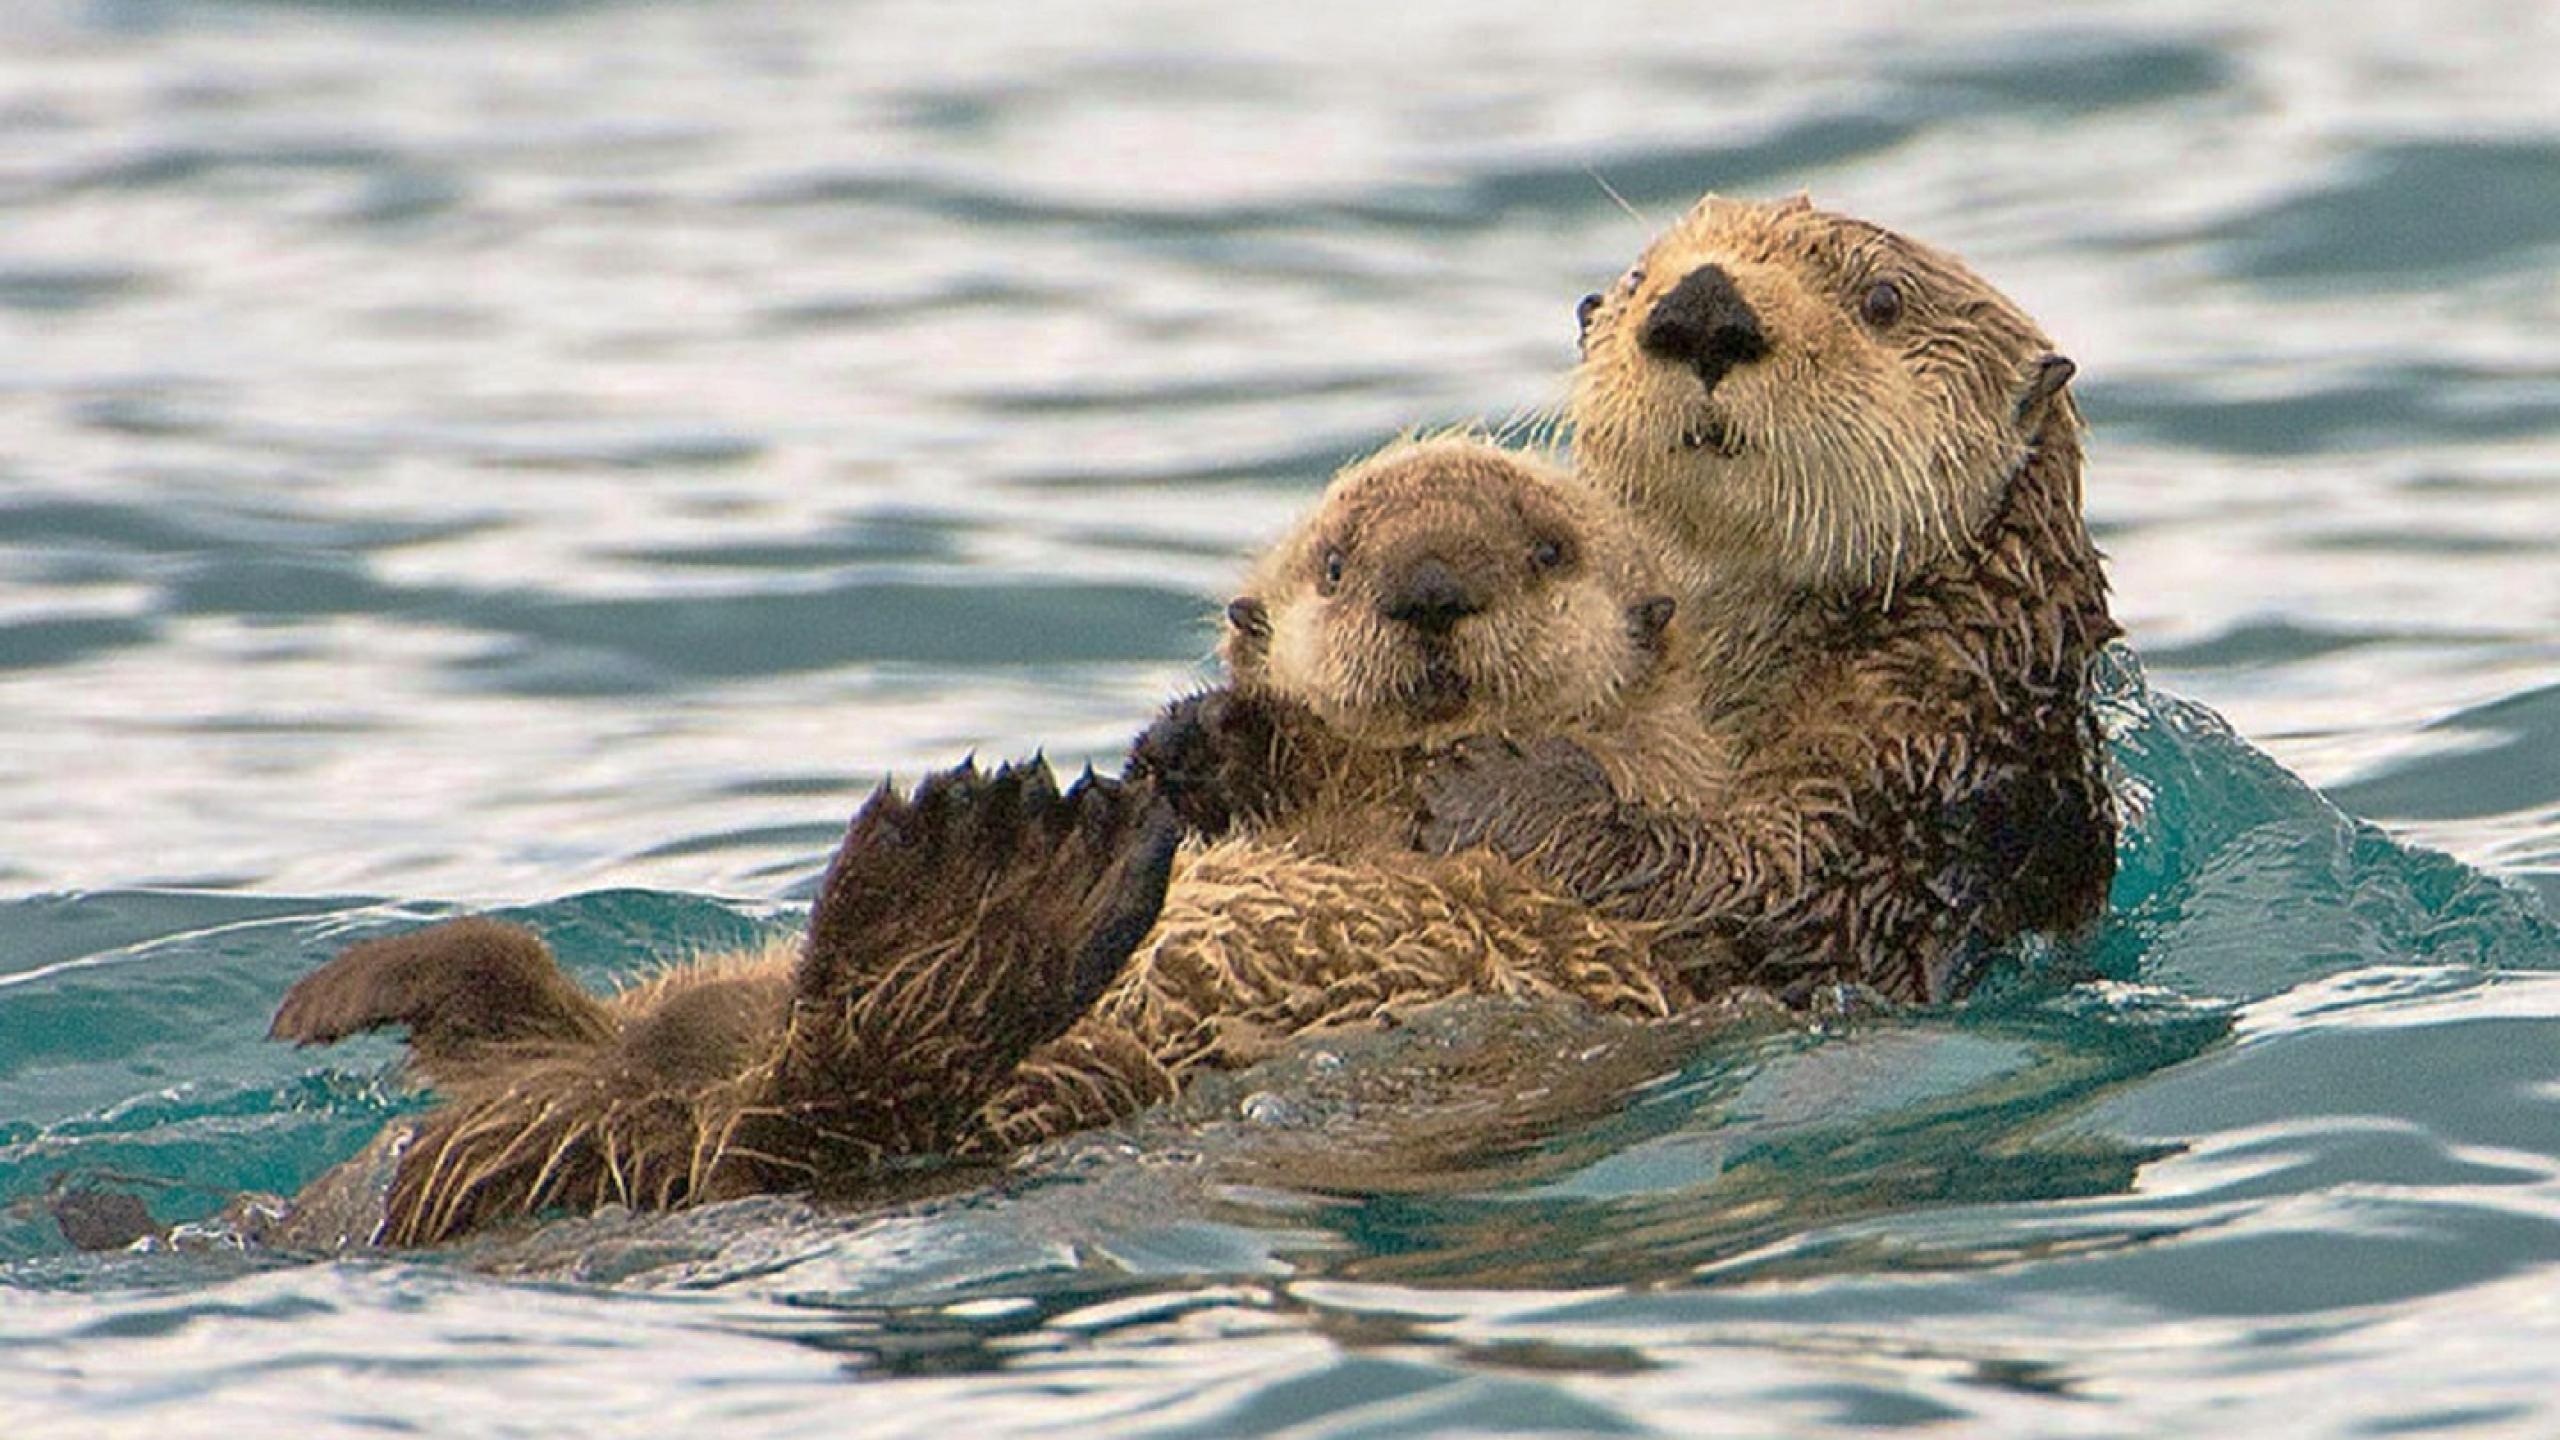 Res: 2560x1440, Sea Otter Wallpaper